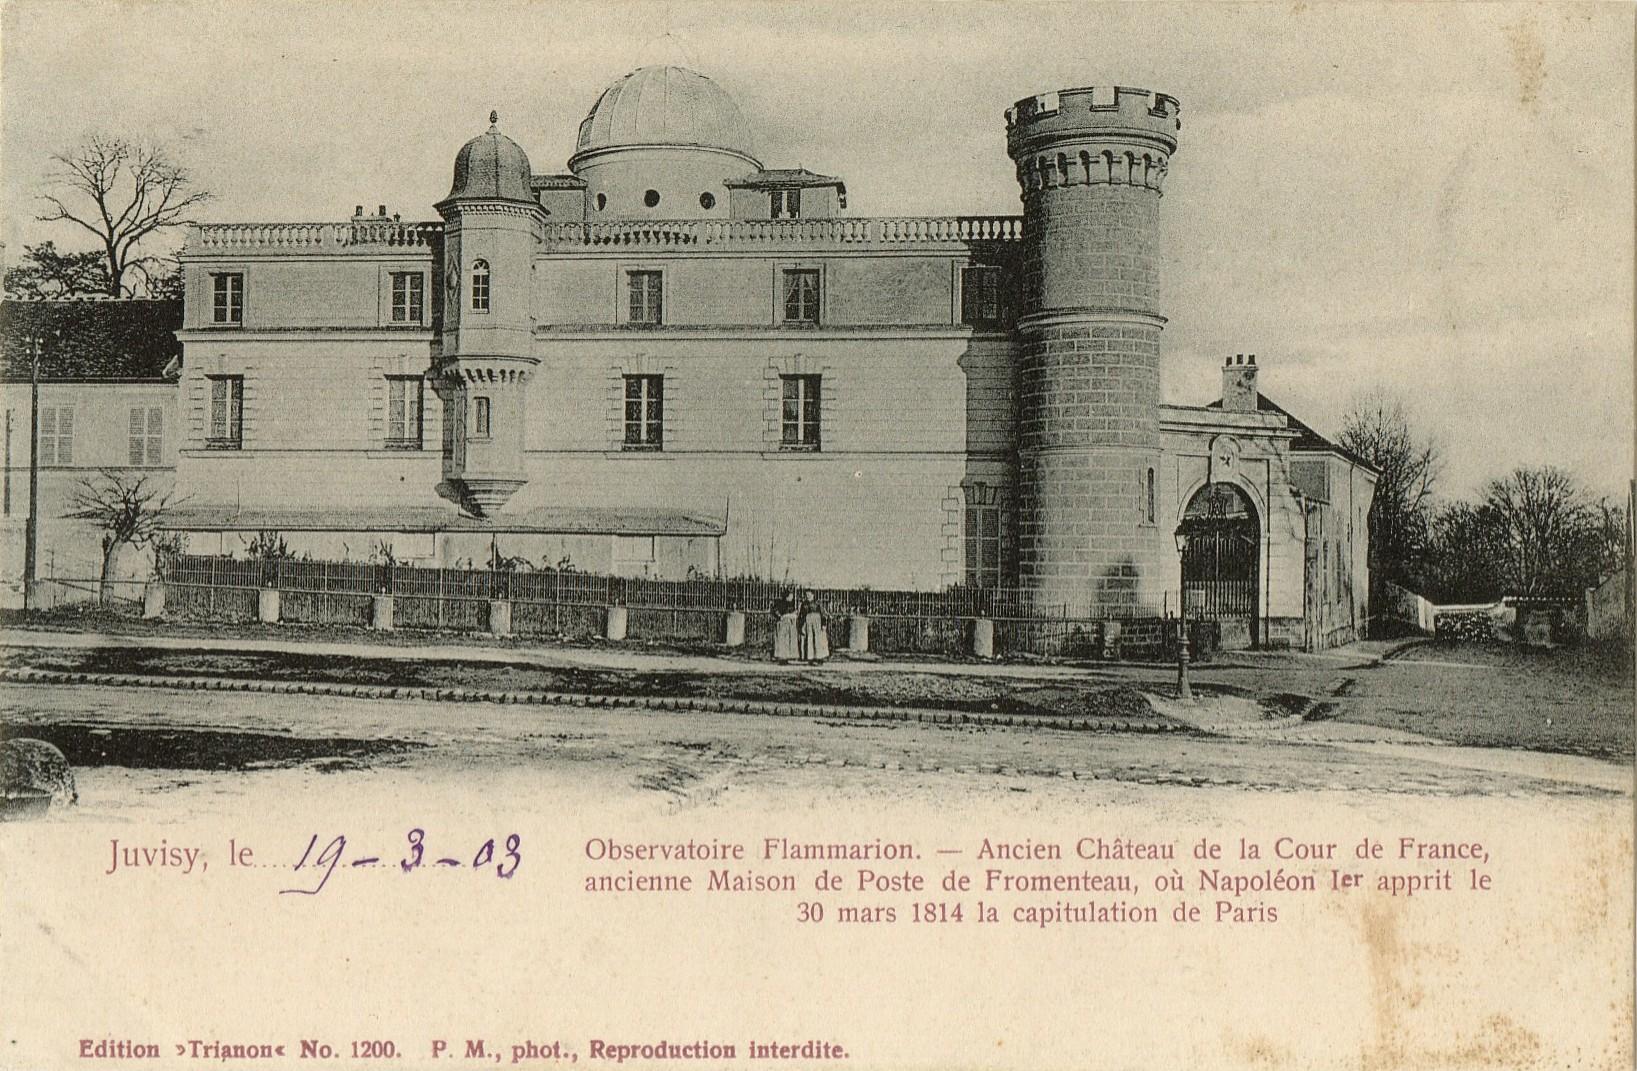 Juvisy_N7_observatoire_flammarion_1903